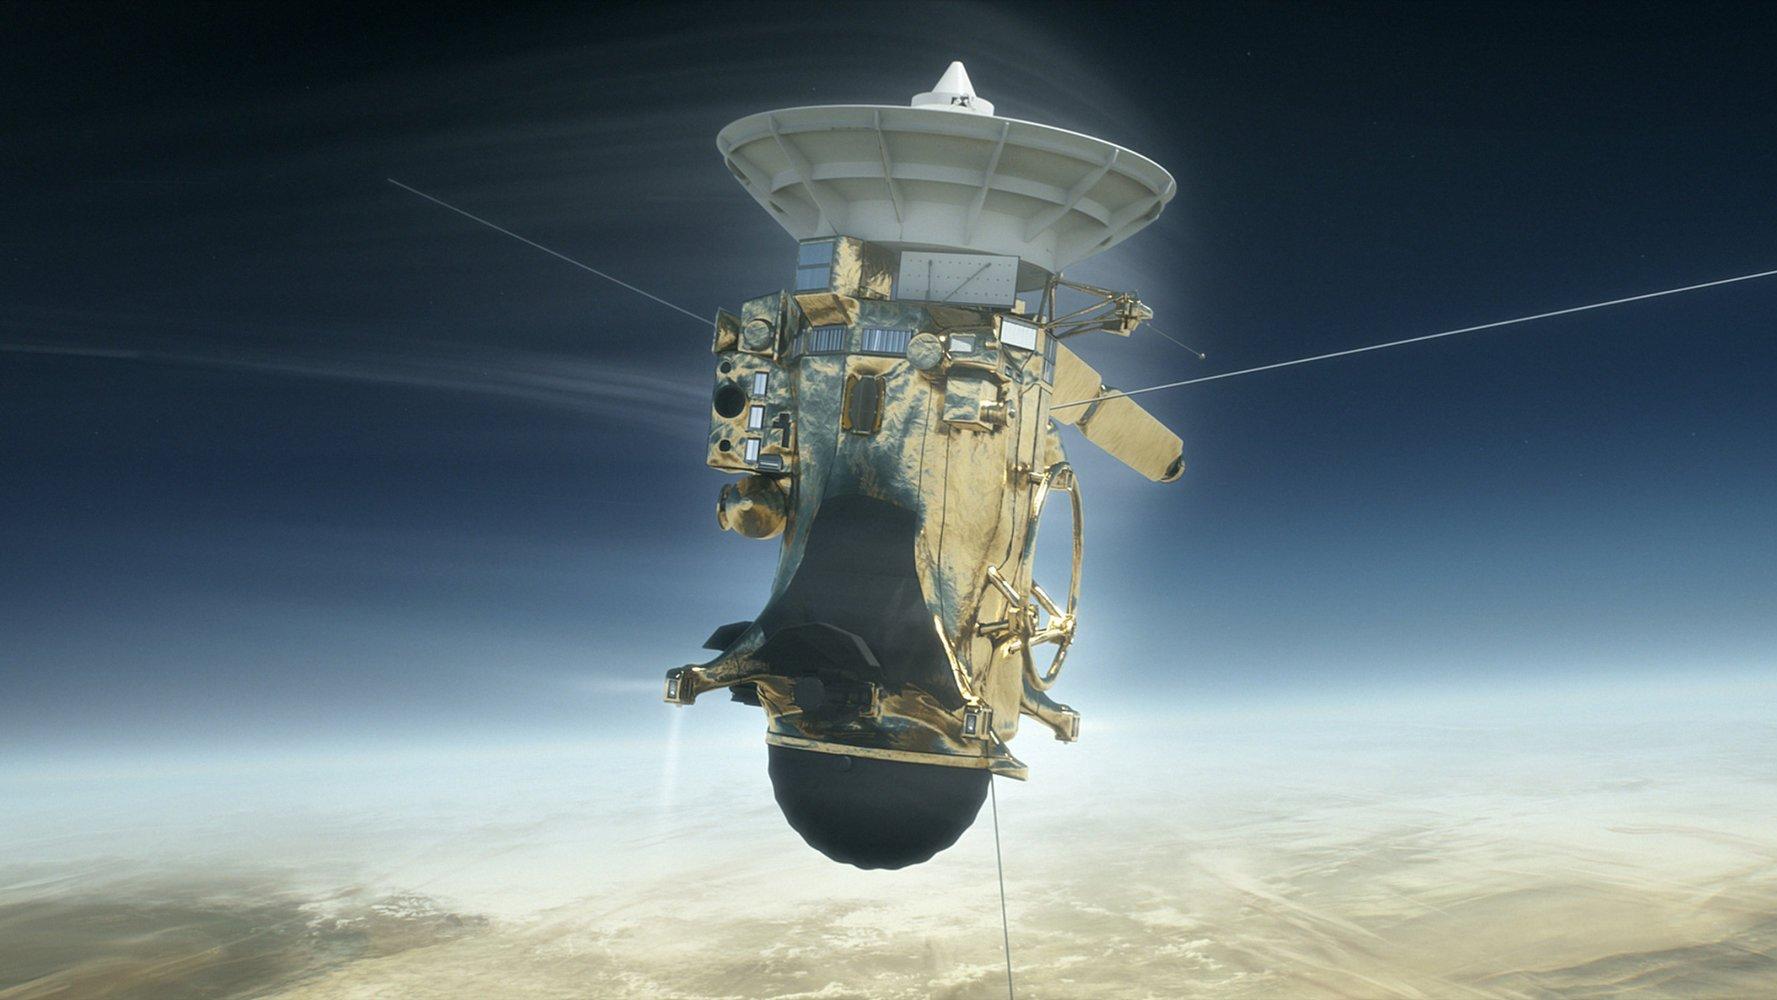 Cassini Battled Saturn Hard During Death Dive https://t.co/dlr9Mk5oAL https://t.co/nj1S9GtIYj